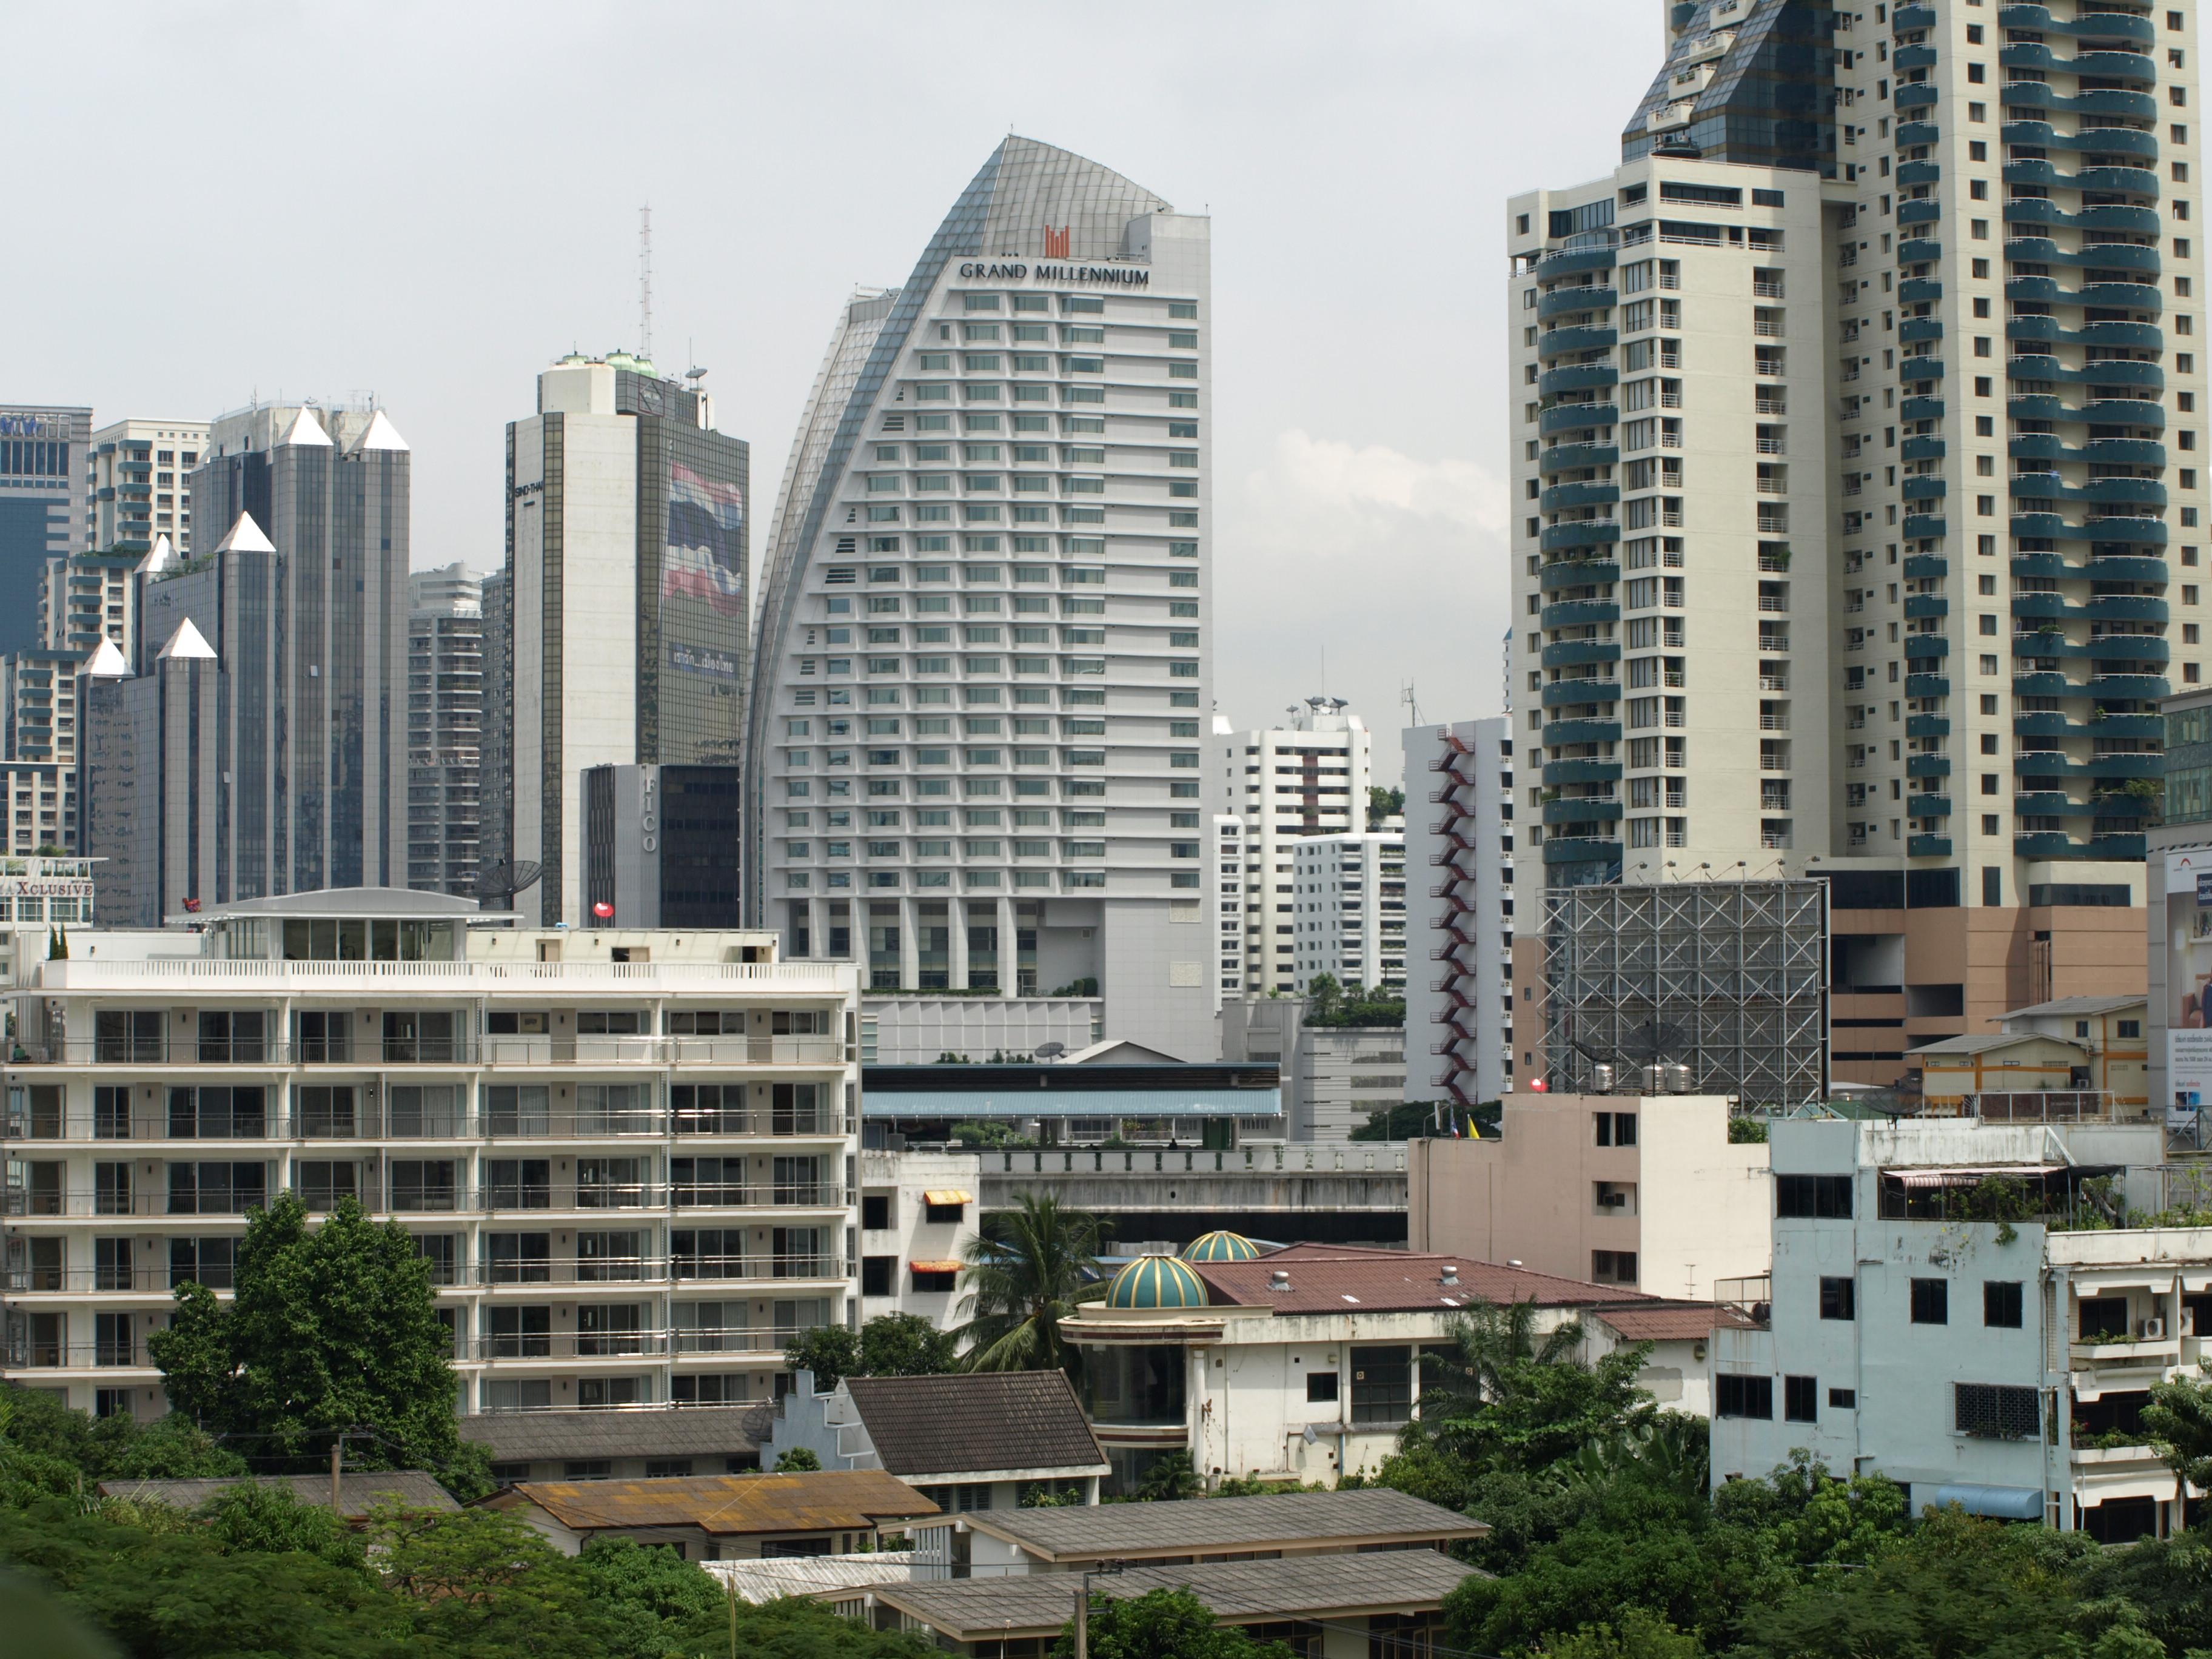 Les charges d'eau et d'électricité des logements en location en Thaïlande seront contrôlés à partir du 1er mai prochain